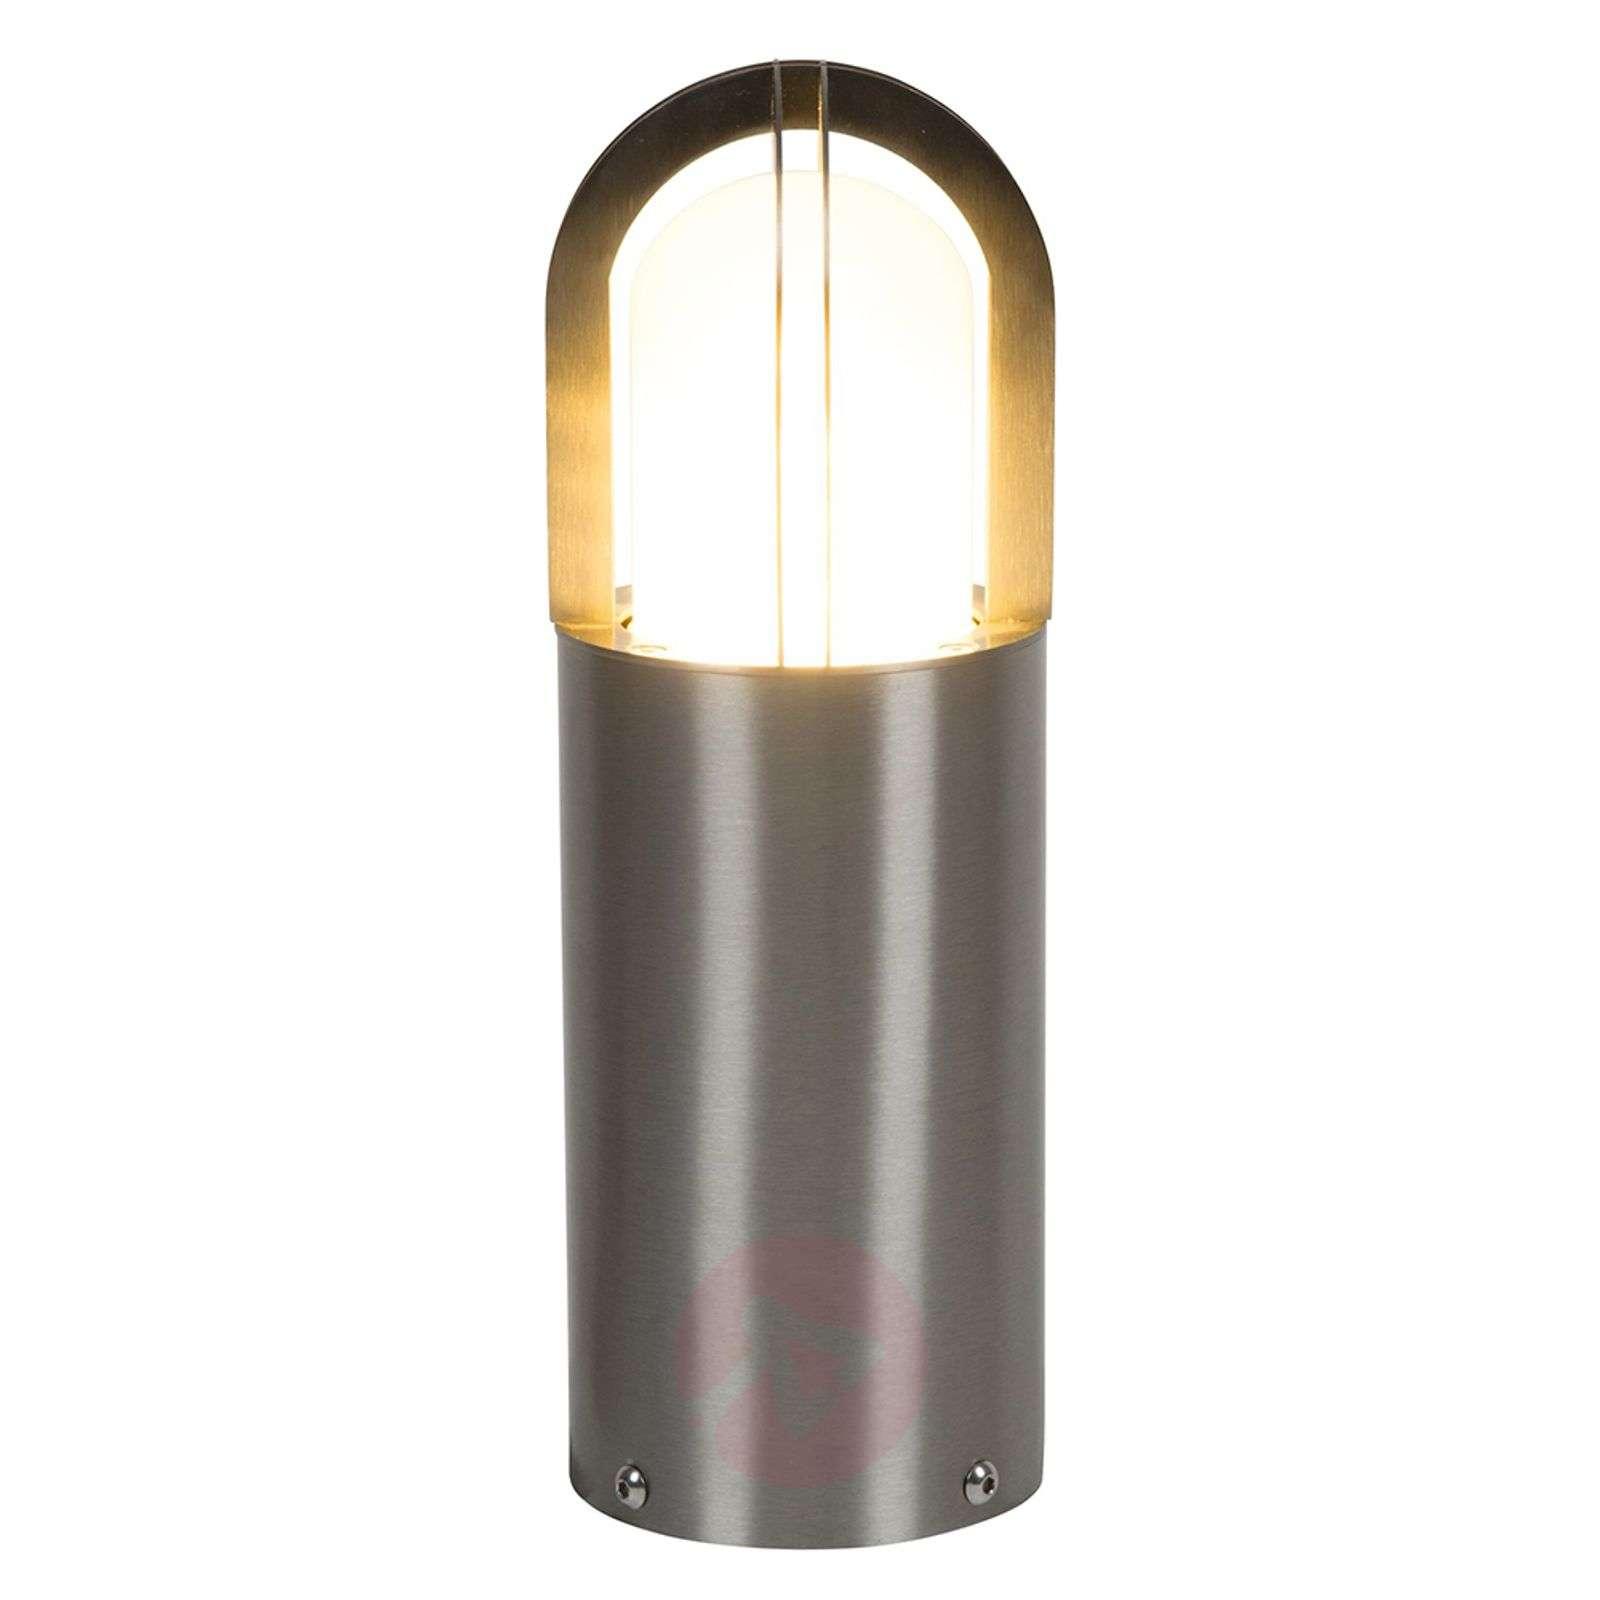 Upea Kyklos-pollarivalaisin, V4A ruostumaton teräs-9506093-01